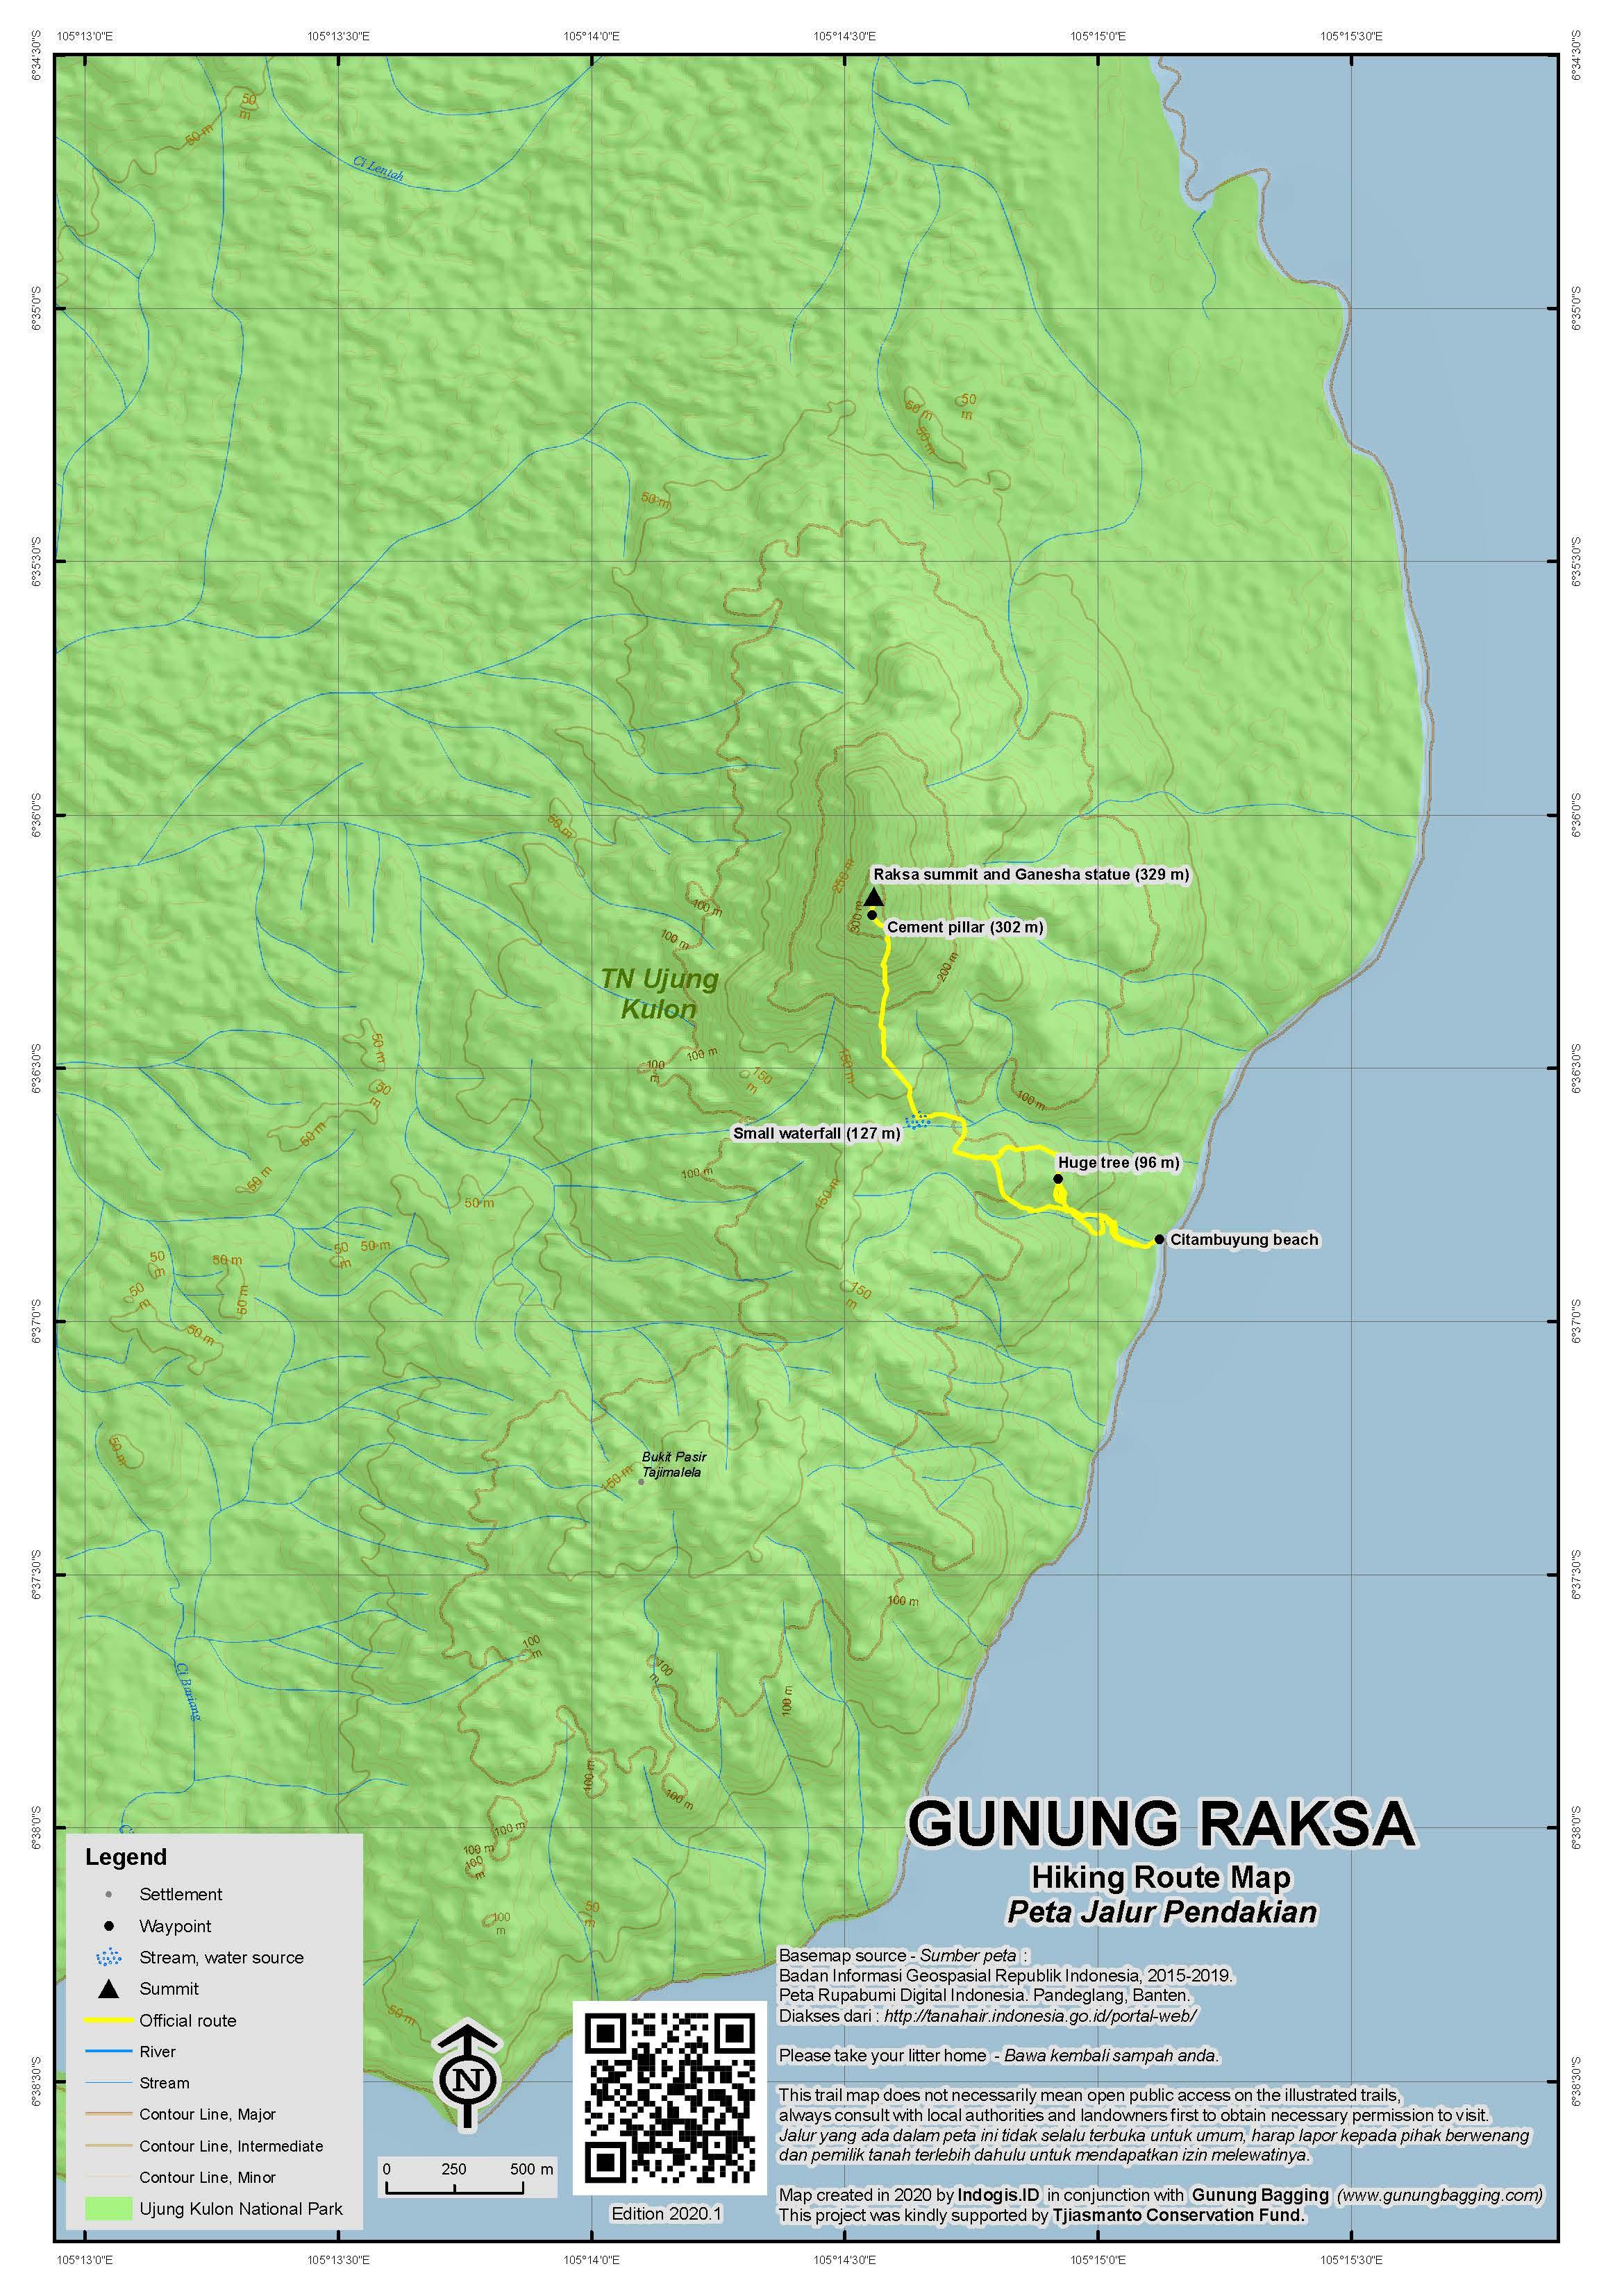 Peta Jalur Pendakian Gunung Raksa